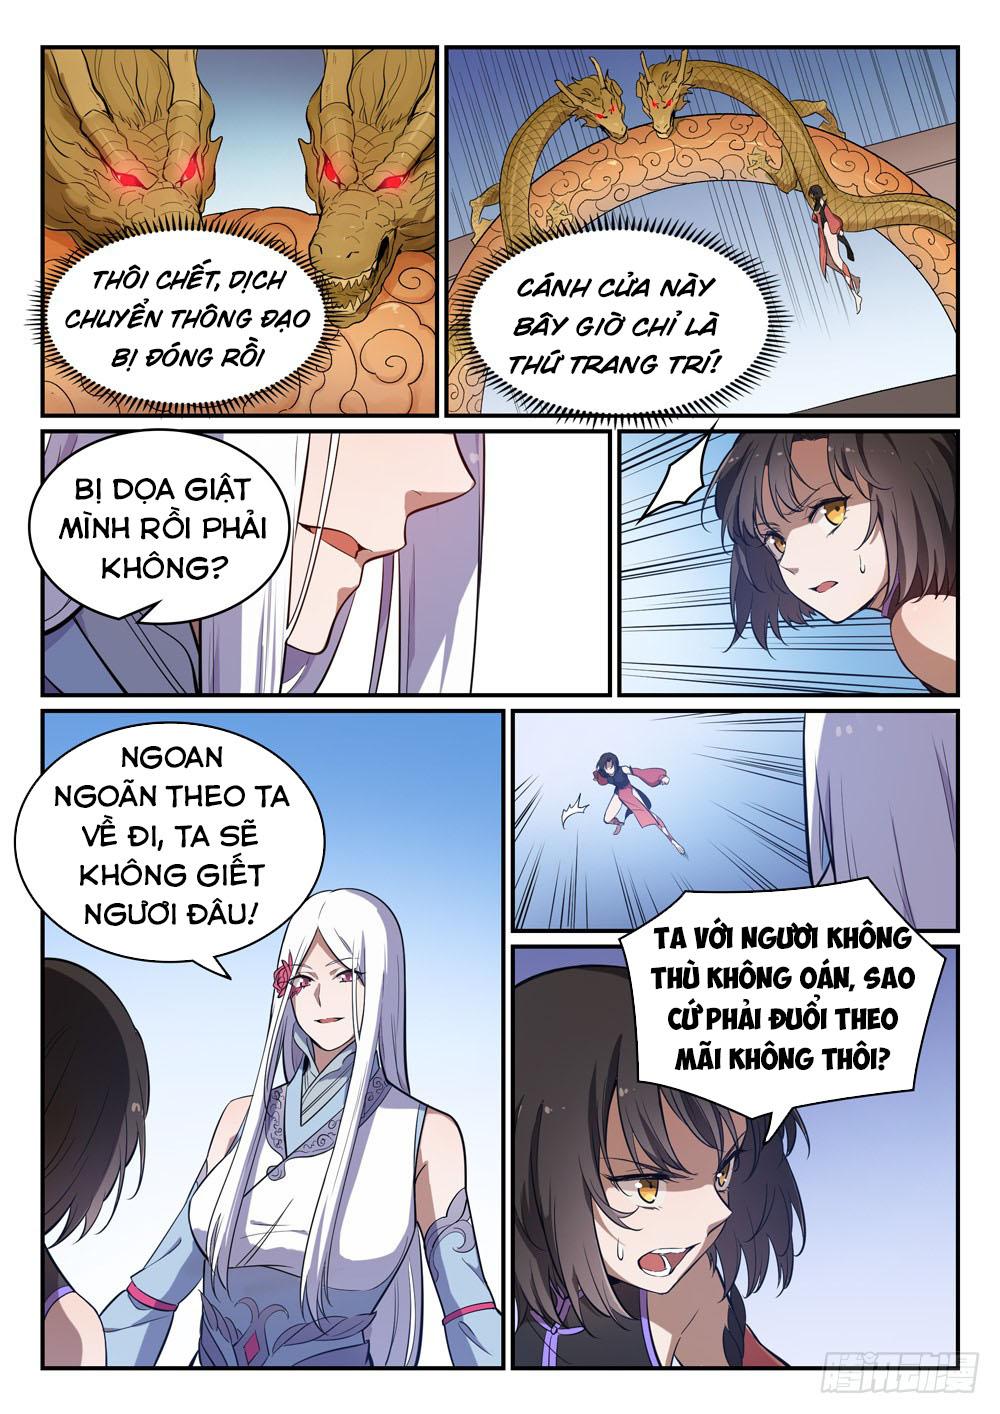 Bách Luyện Thành Thần chap 444 - Trang 7